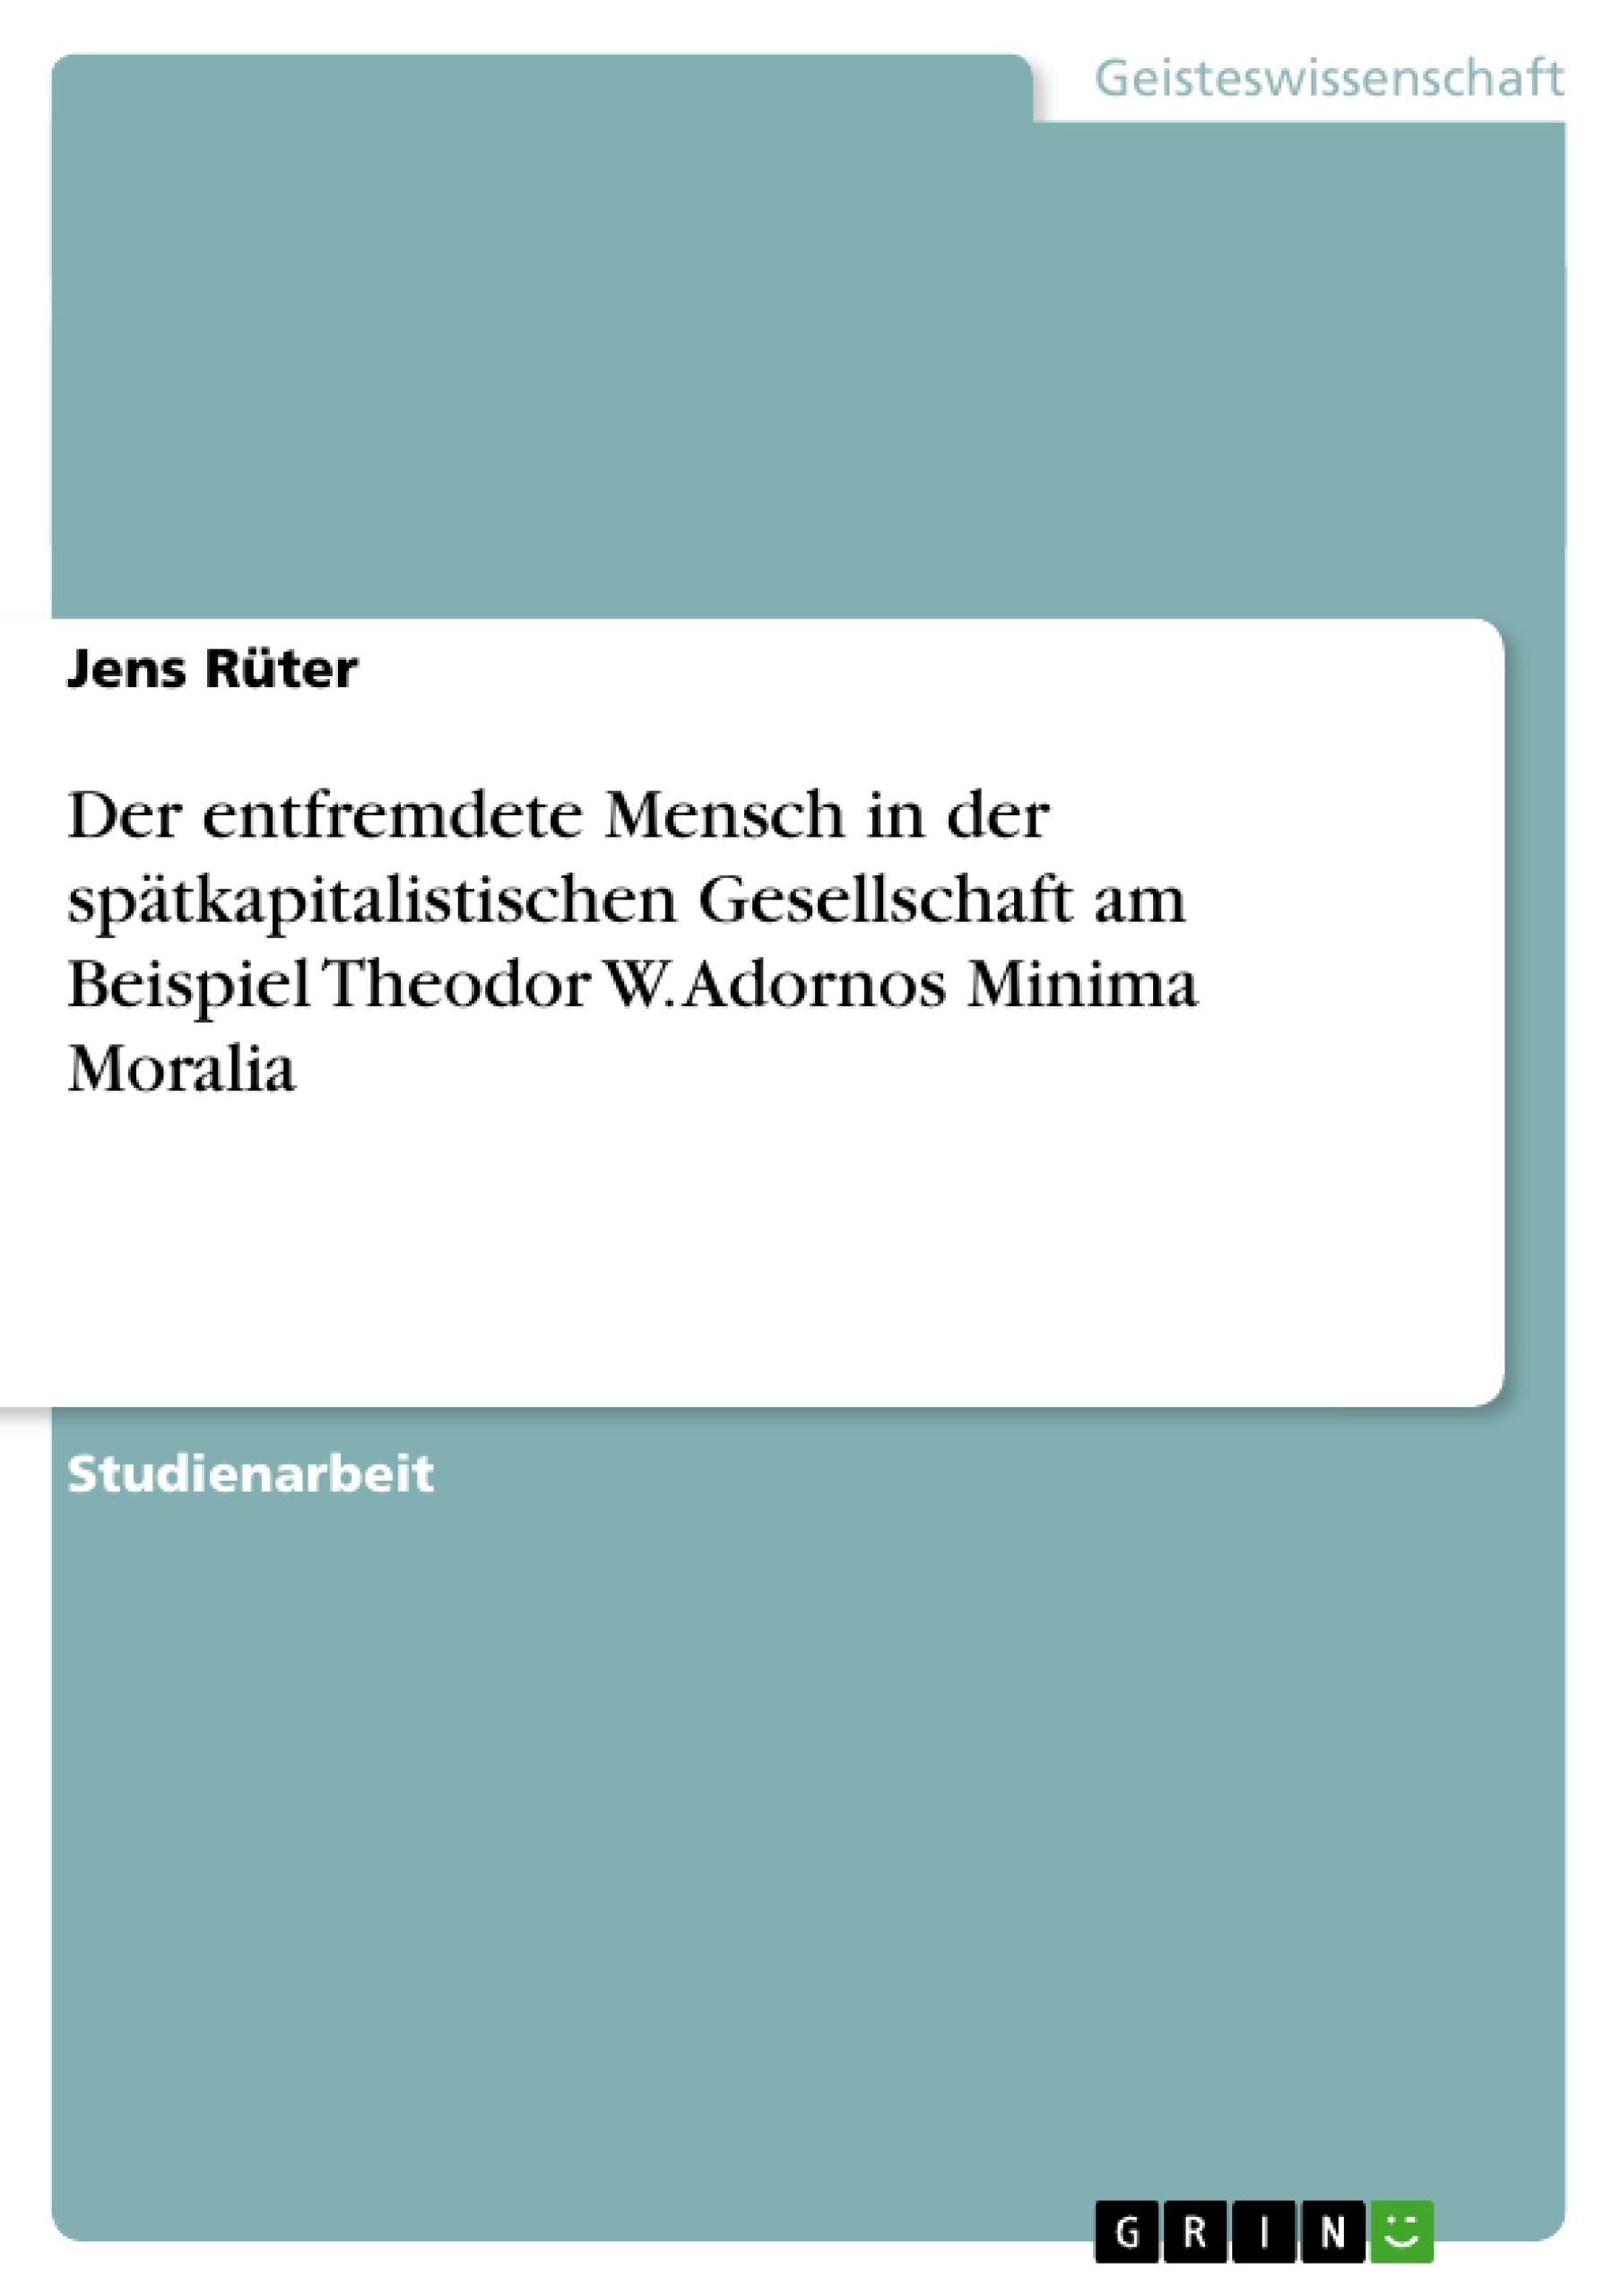 Titel: Der entfremdete Mensch in der spätkapitalistischen Gesellschaft am Beispiel Theodor W. Adornos Minima Moralia